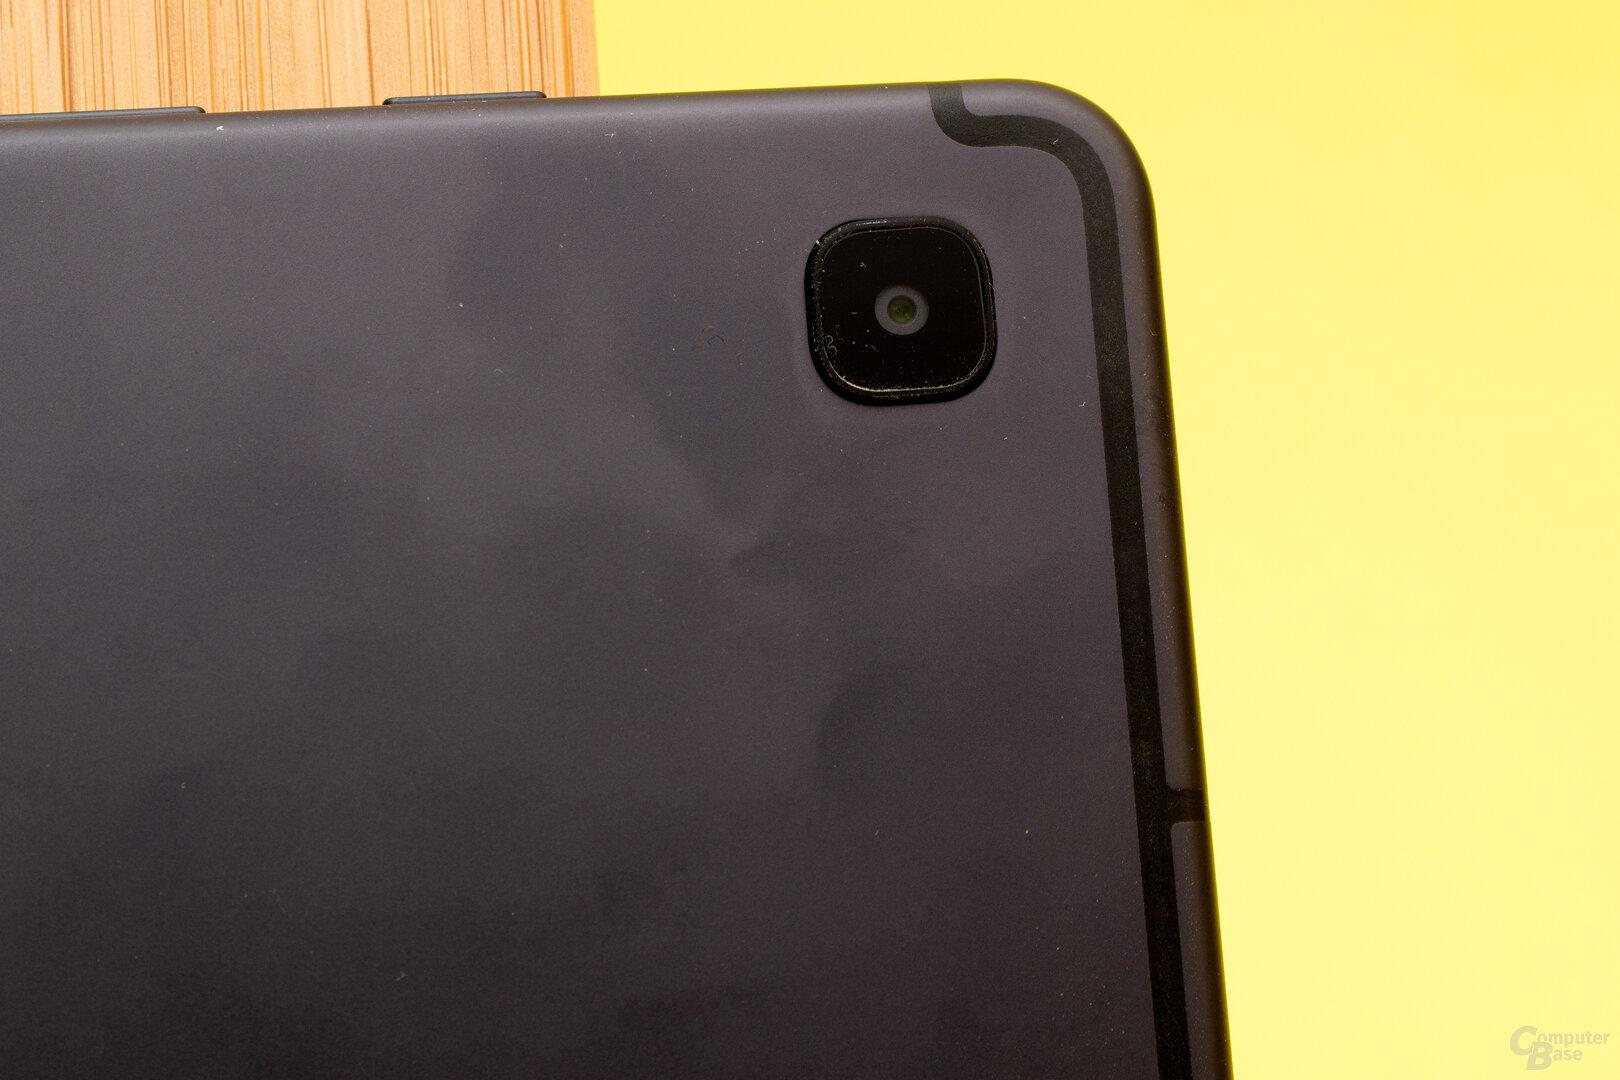 Das Galaxy Tab S6 Lite verfügt lediglich über eine rückseitige Kamera